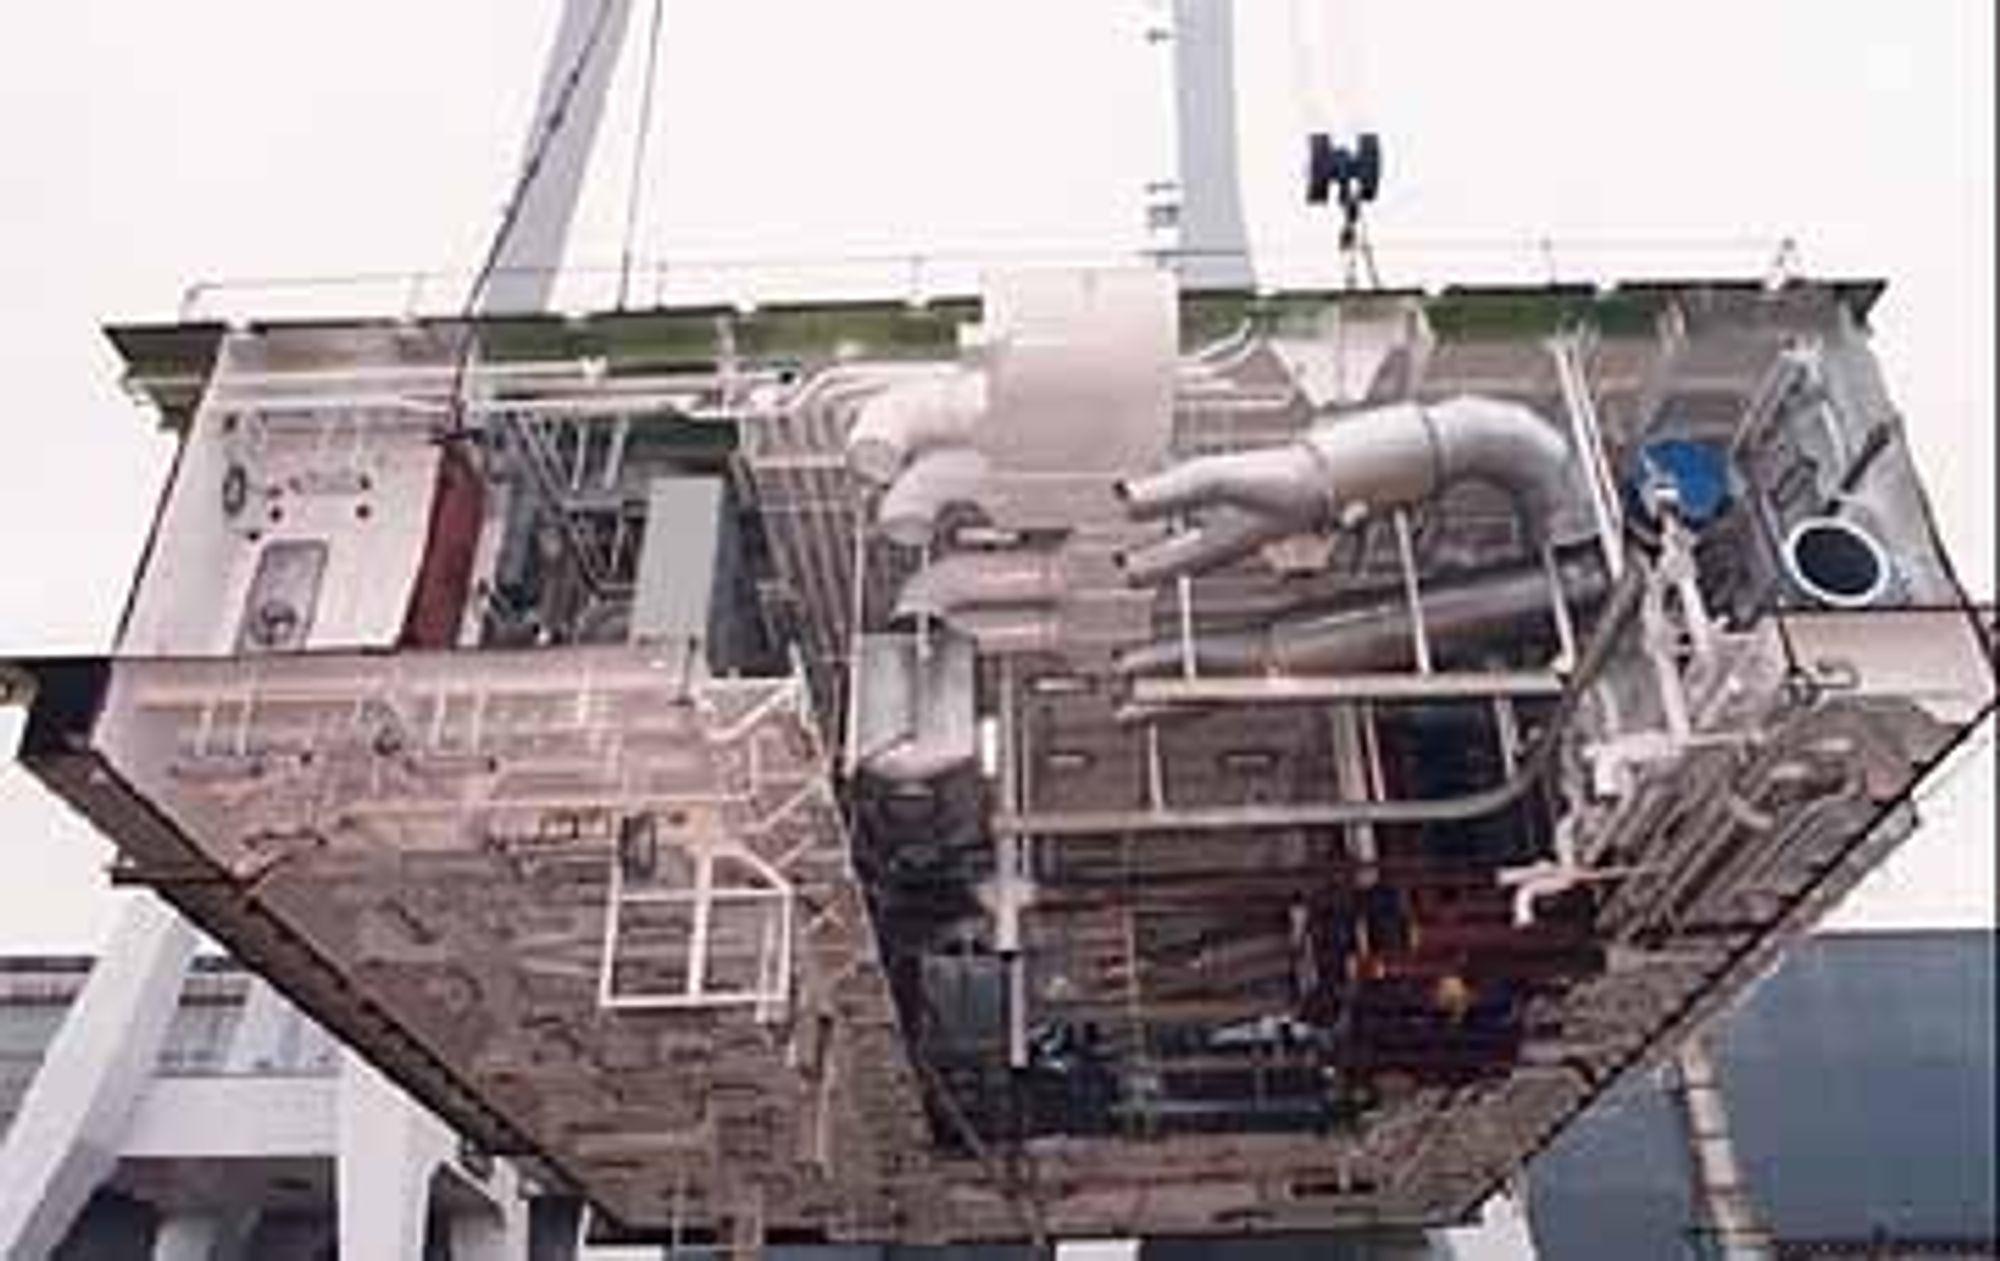 Modulene kan bli bygget ved et annet verft etter konkursen til Mjellem & Karlsen.